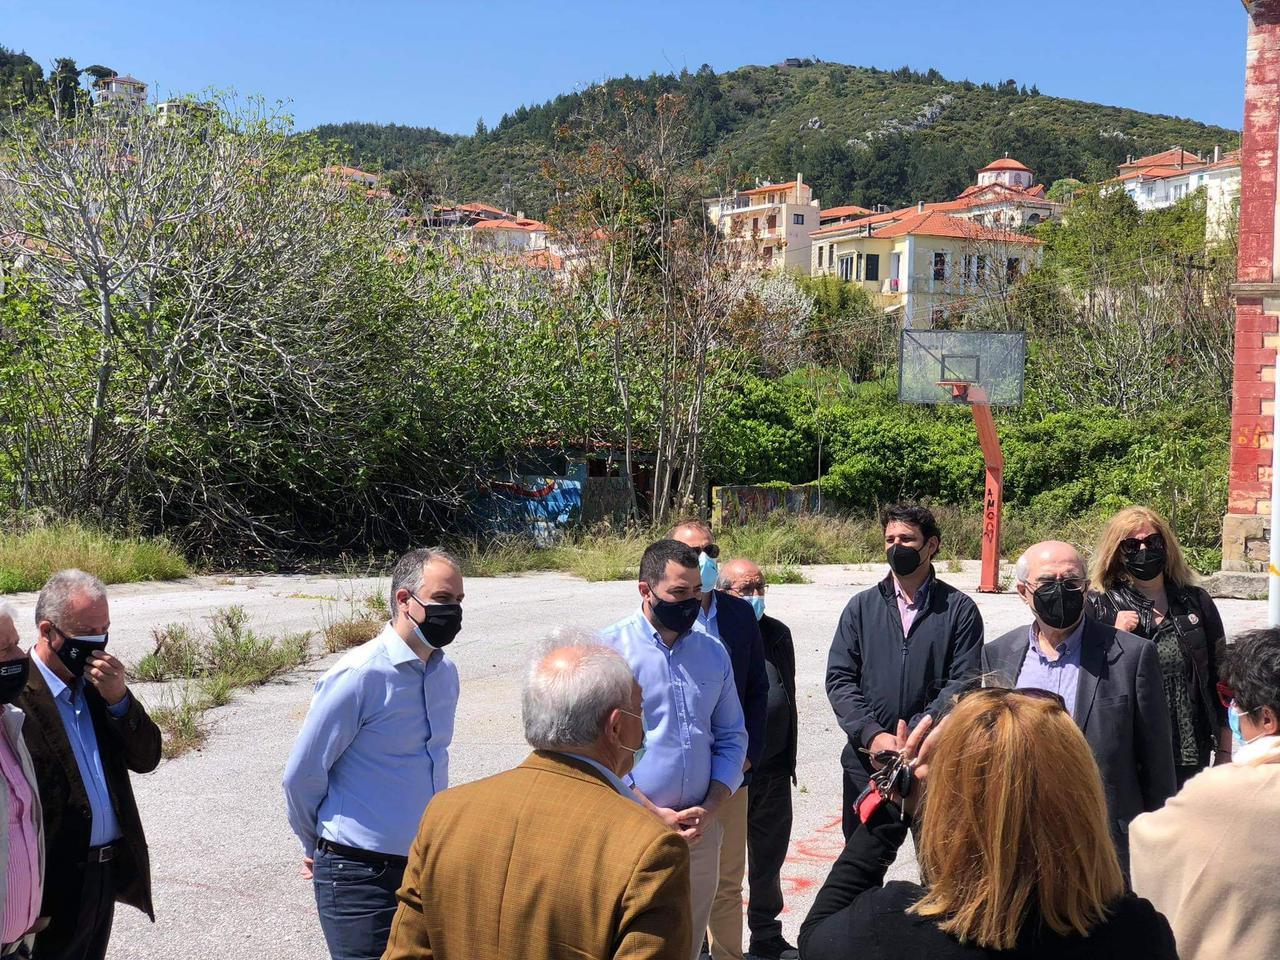 Επίσκεψη Περιφερειάρχη και Αντιπεριφερειάρχη στους Δήμους Ερέτριας και Κύμης – Αλιβερίου για την εκκίνηση σημαντικών νέων έργων